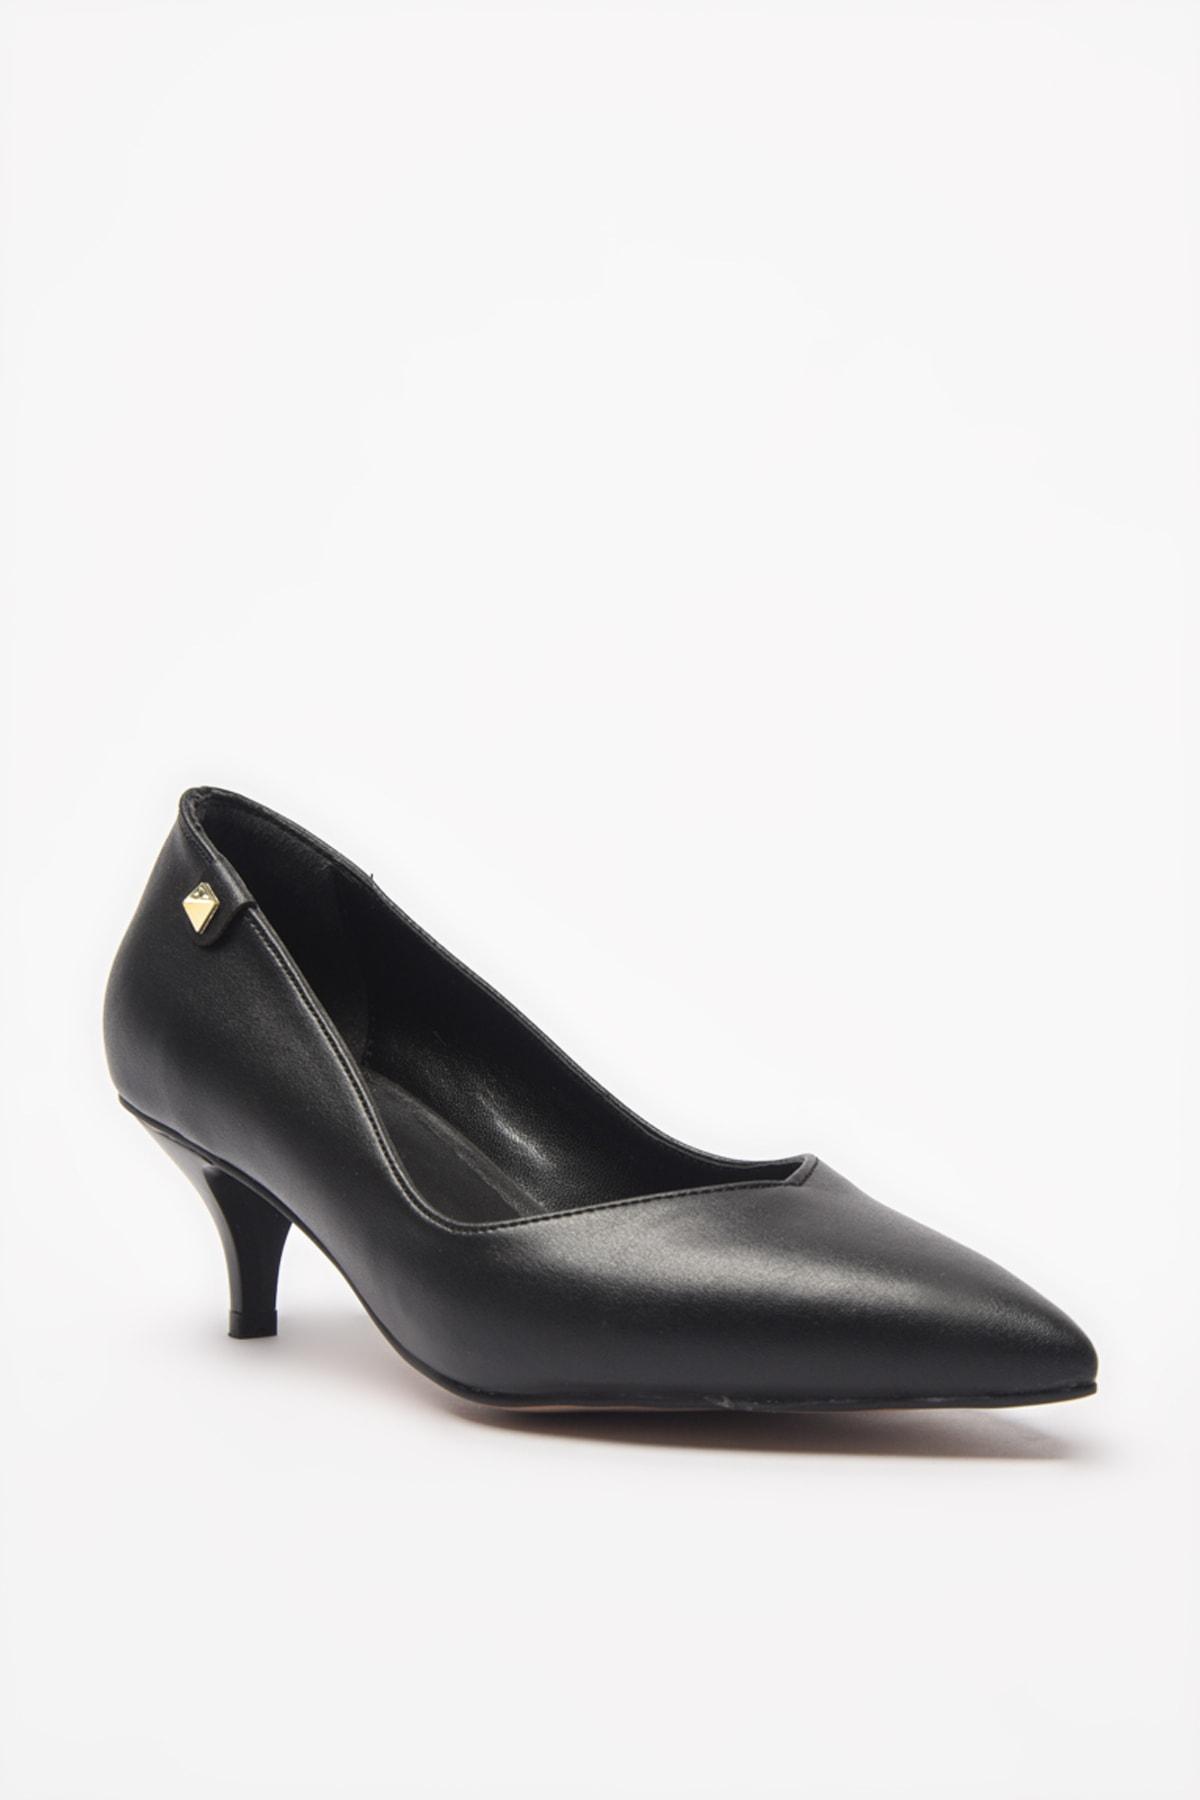 Yaya  by Hotiç Siyah Kadın Klasik Topuklu Ayakkabı 01AYY205540A100 2